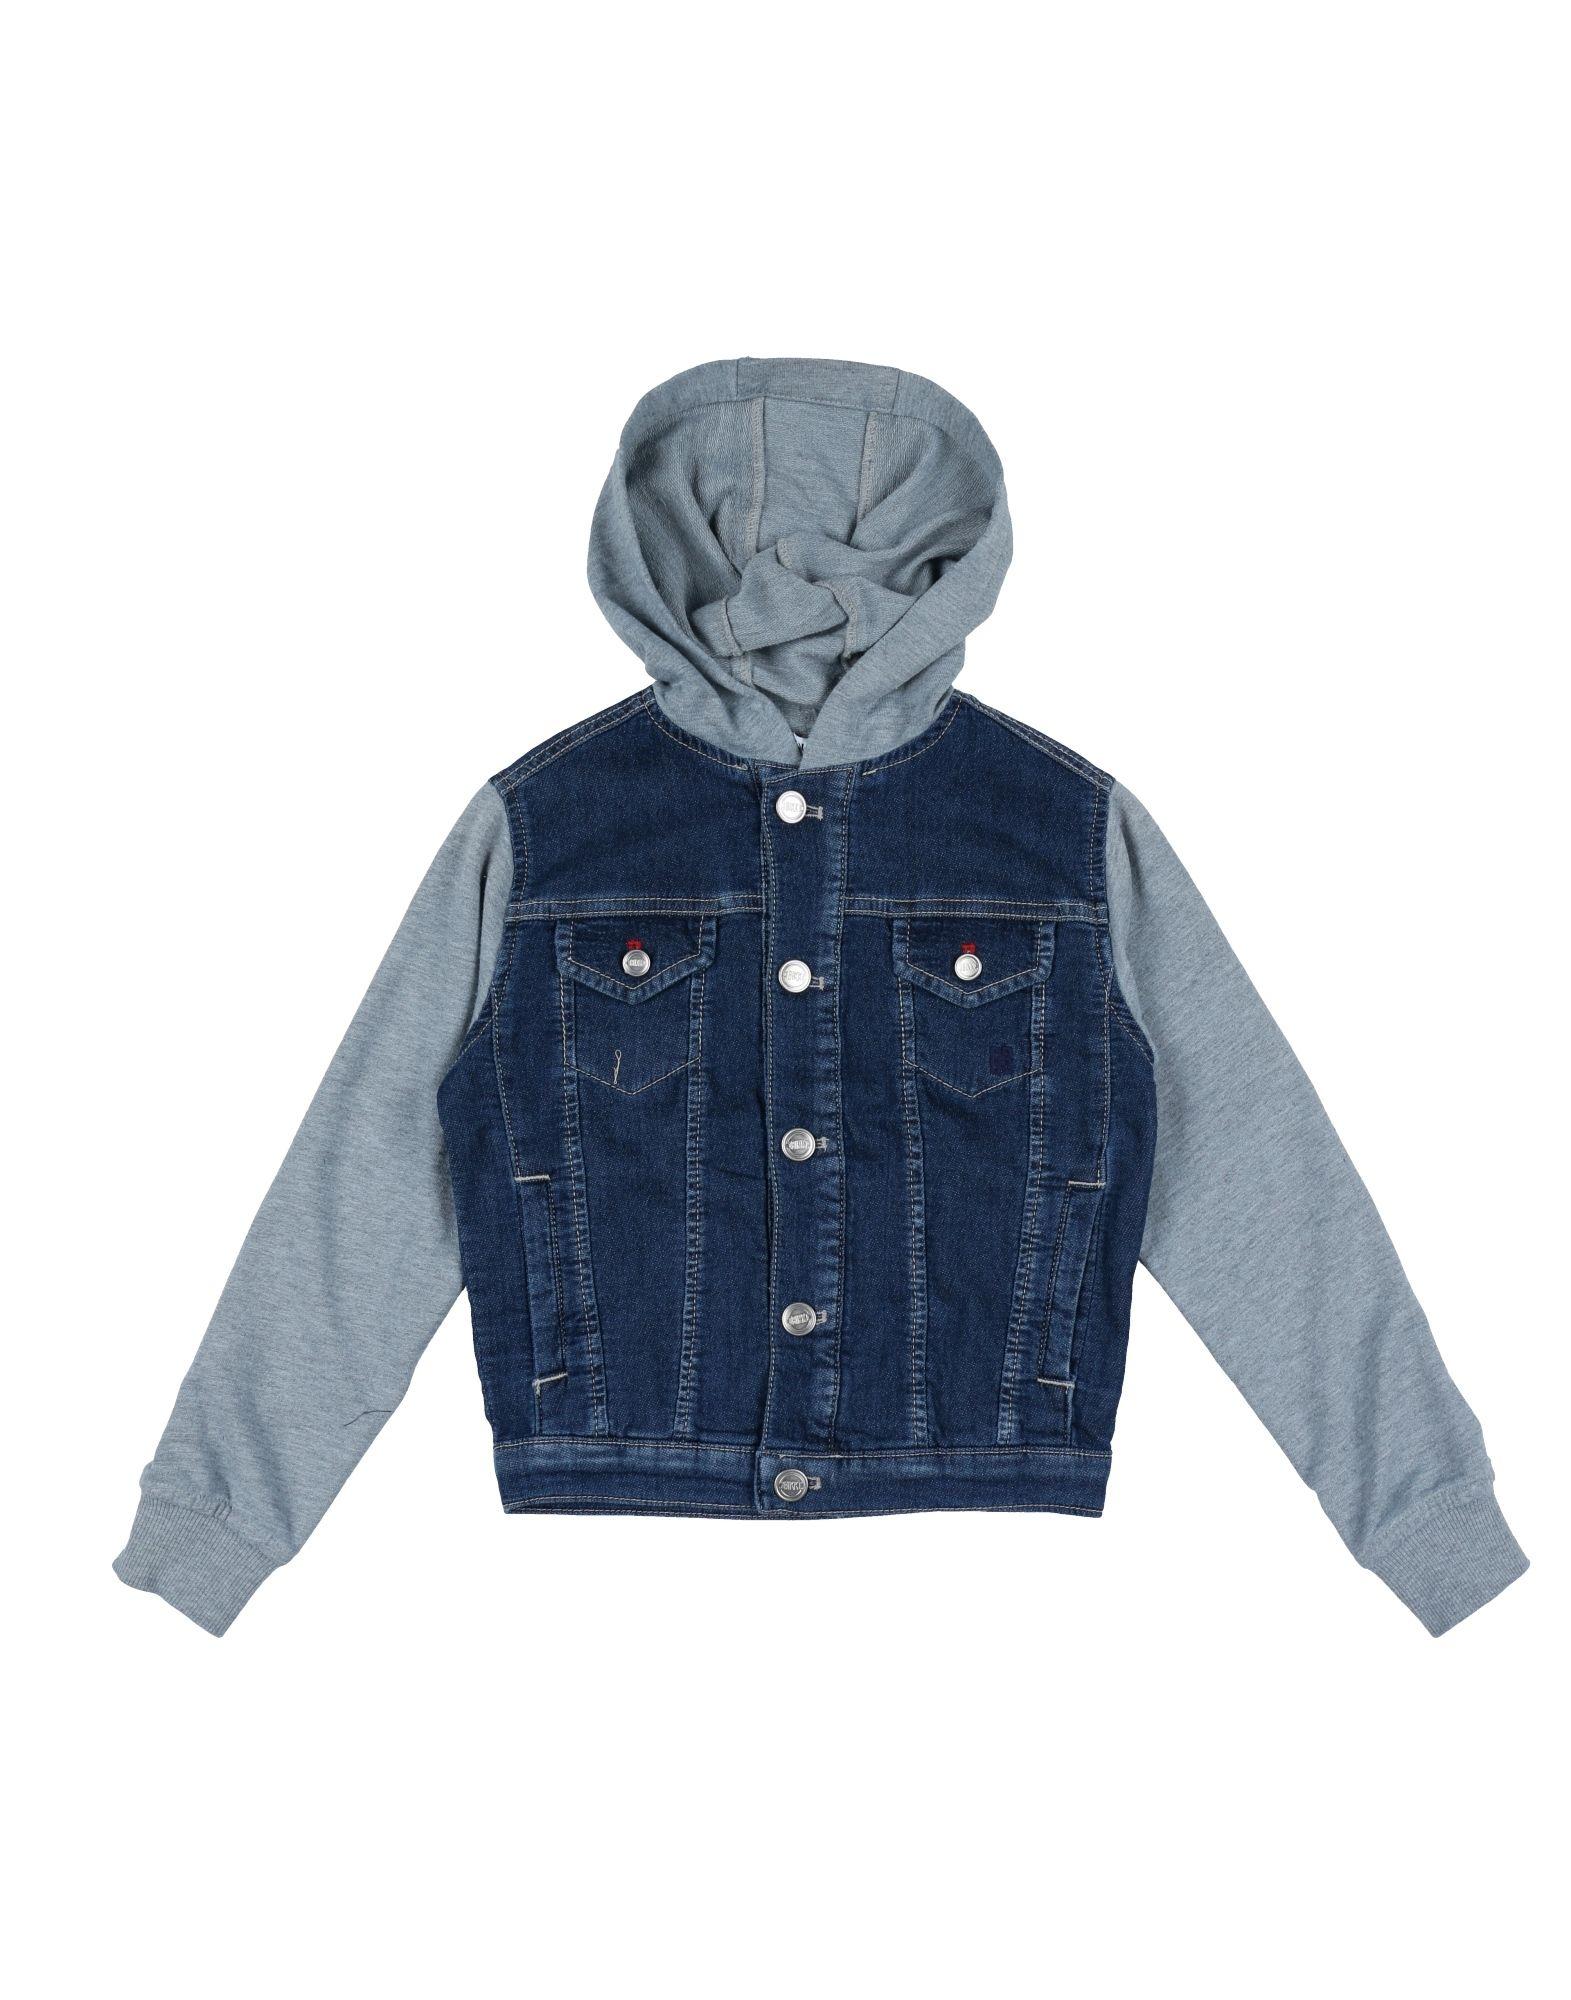 BIKKEMBERGS Джинсовая верхняя одежда wellber детская одежда 110